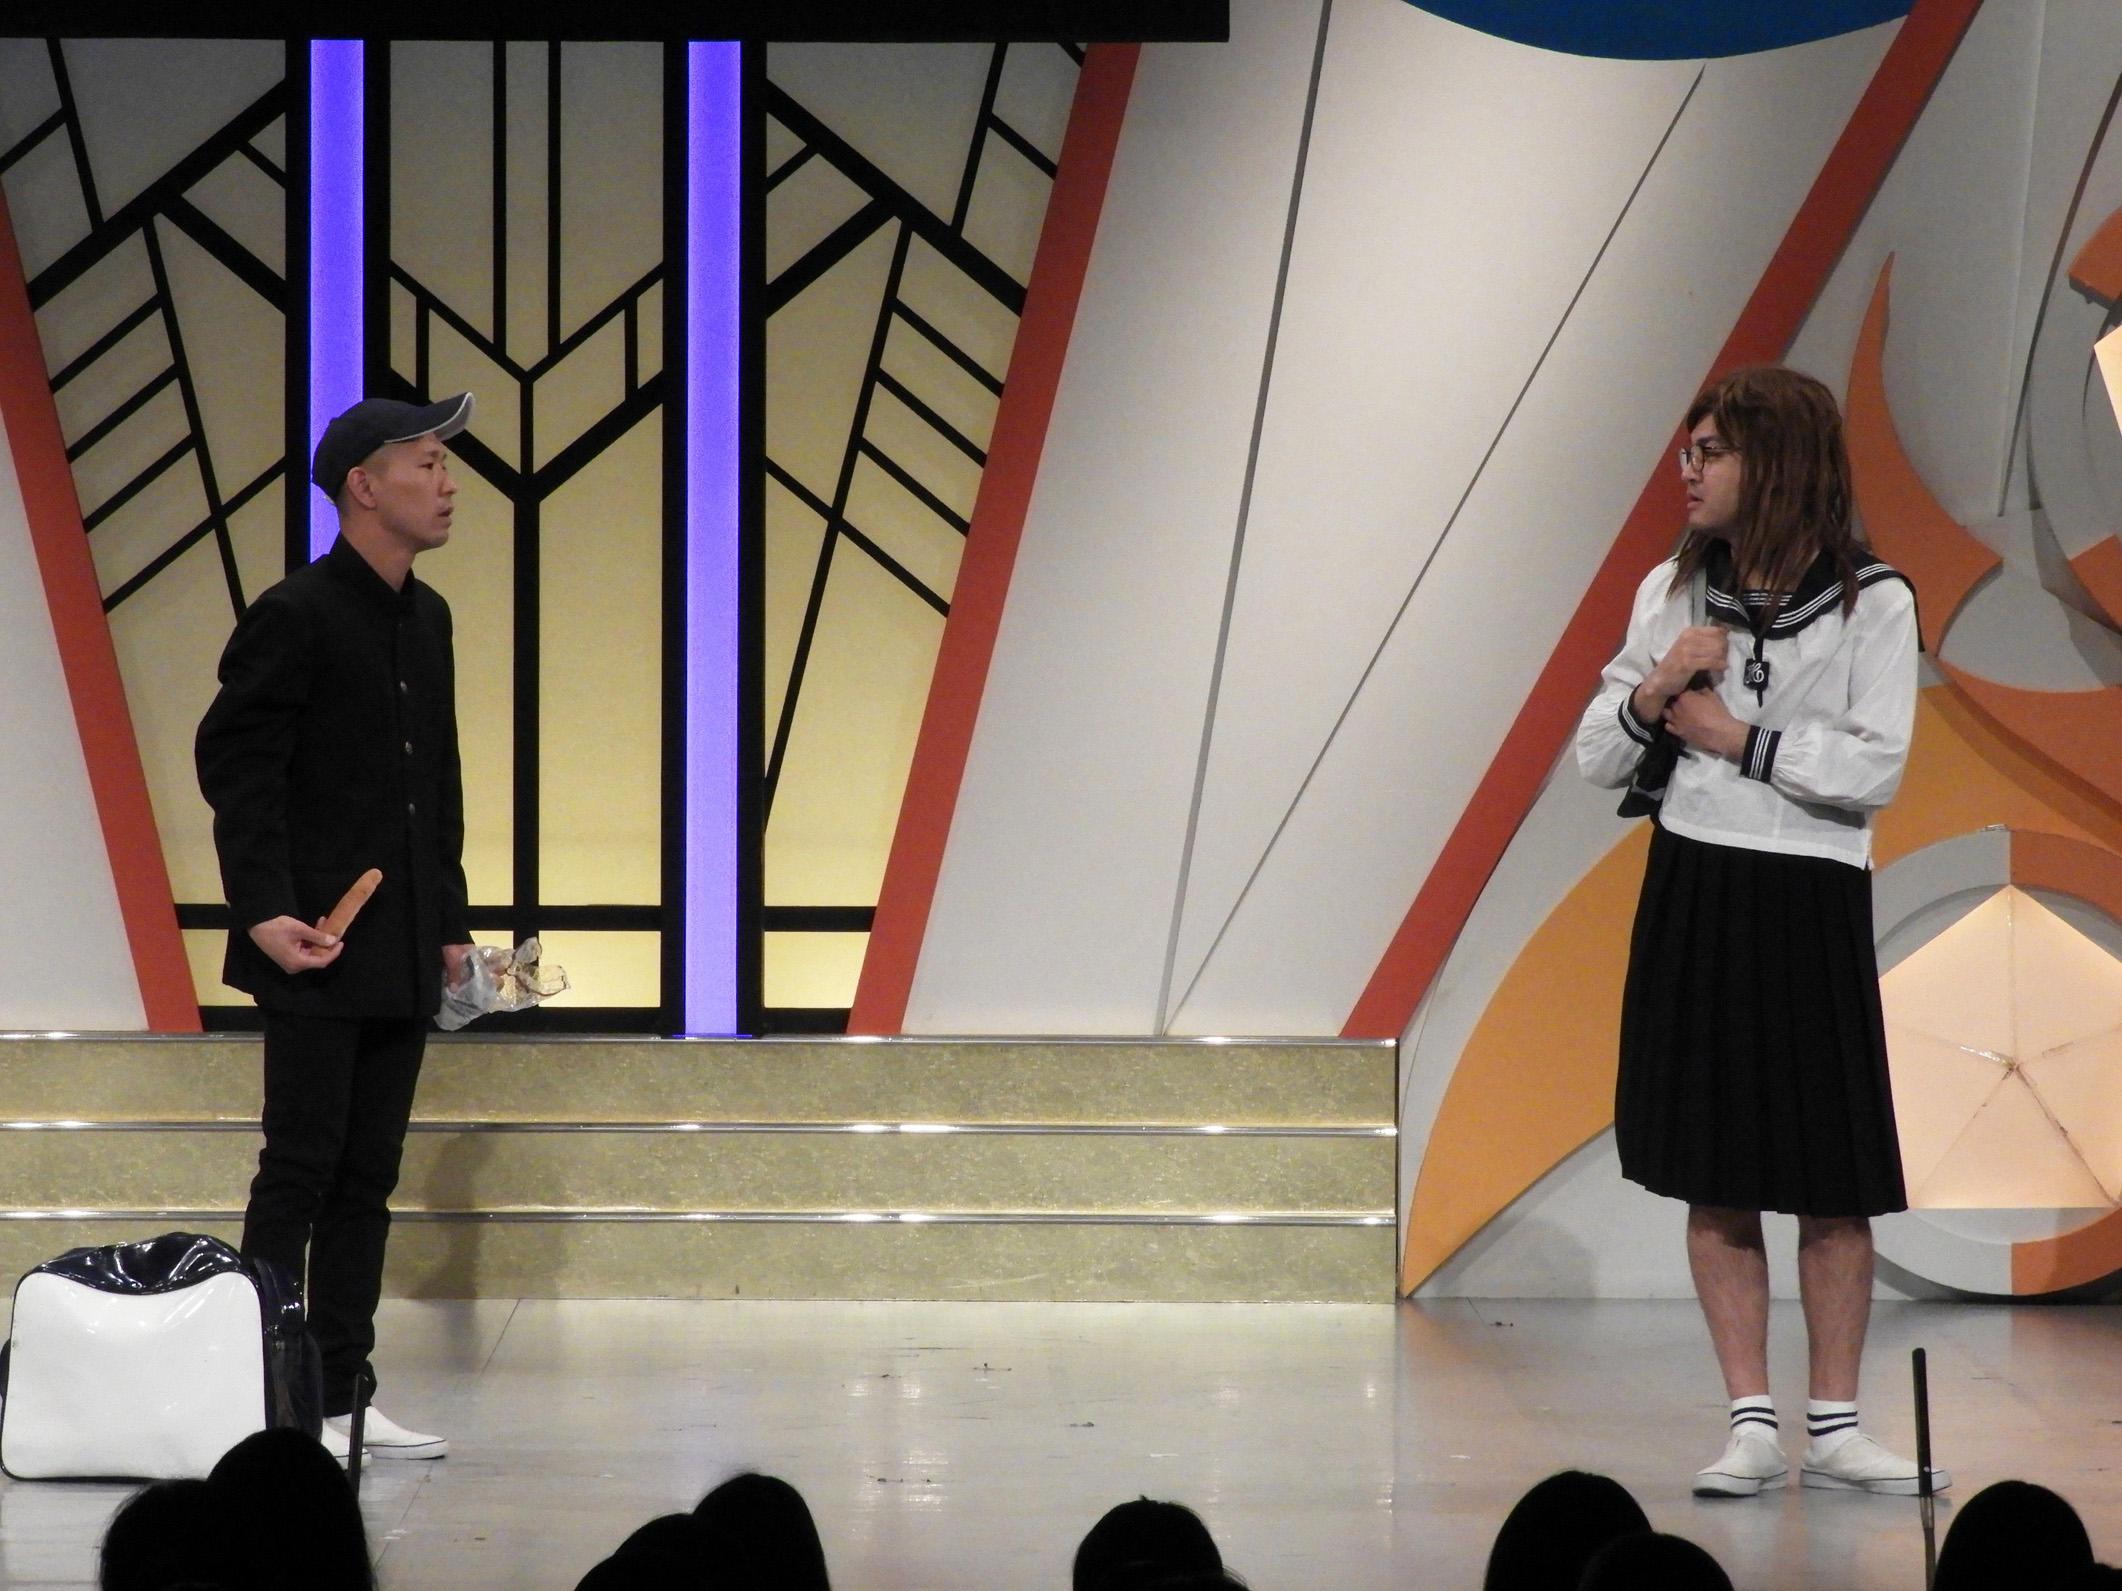 http://news.yoshimoto.co.jp/20180528121306-fe57010f19e41a056bd358e96f93c643a95fb88f.jpg